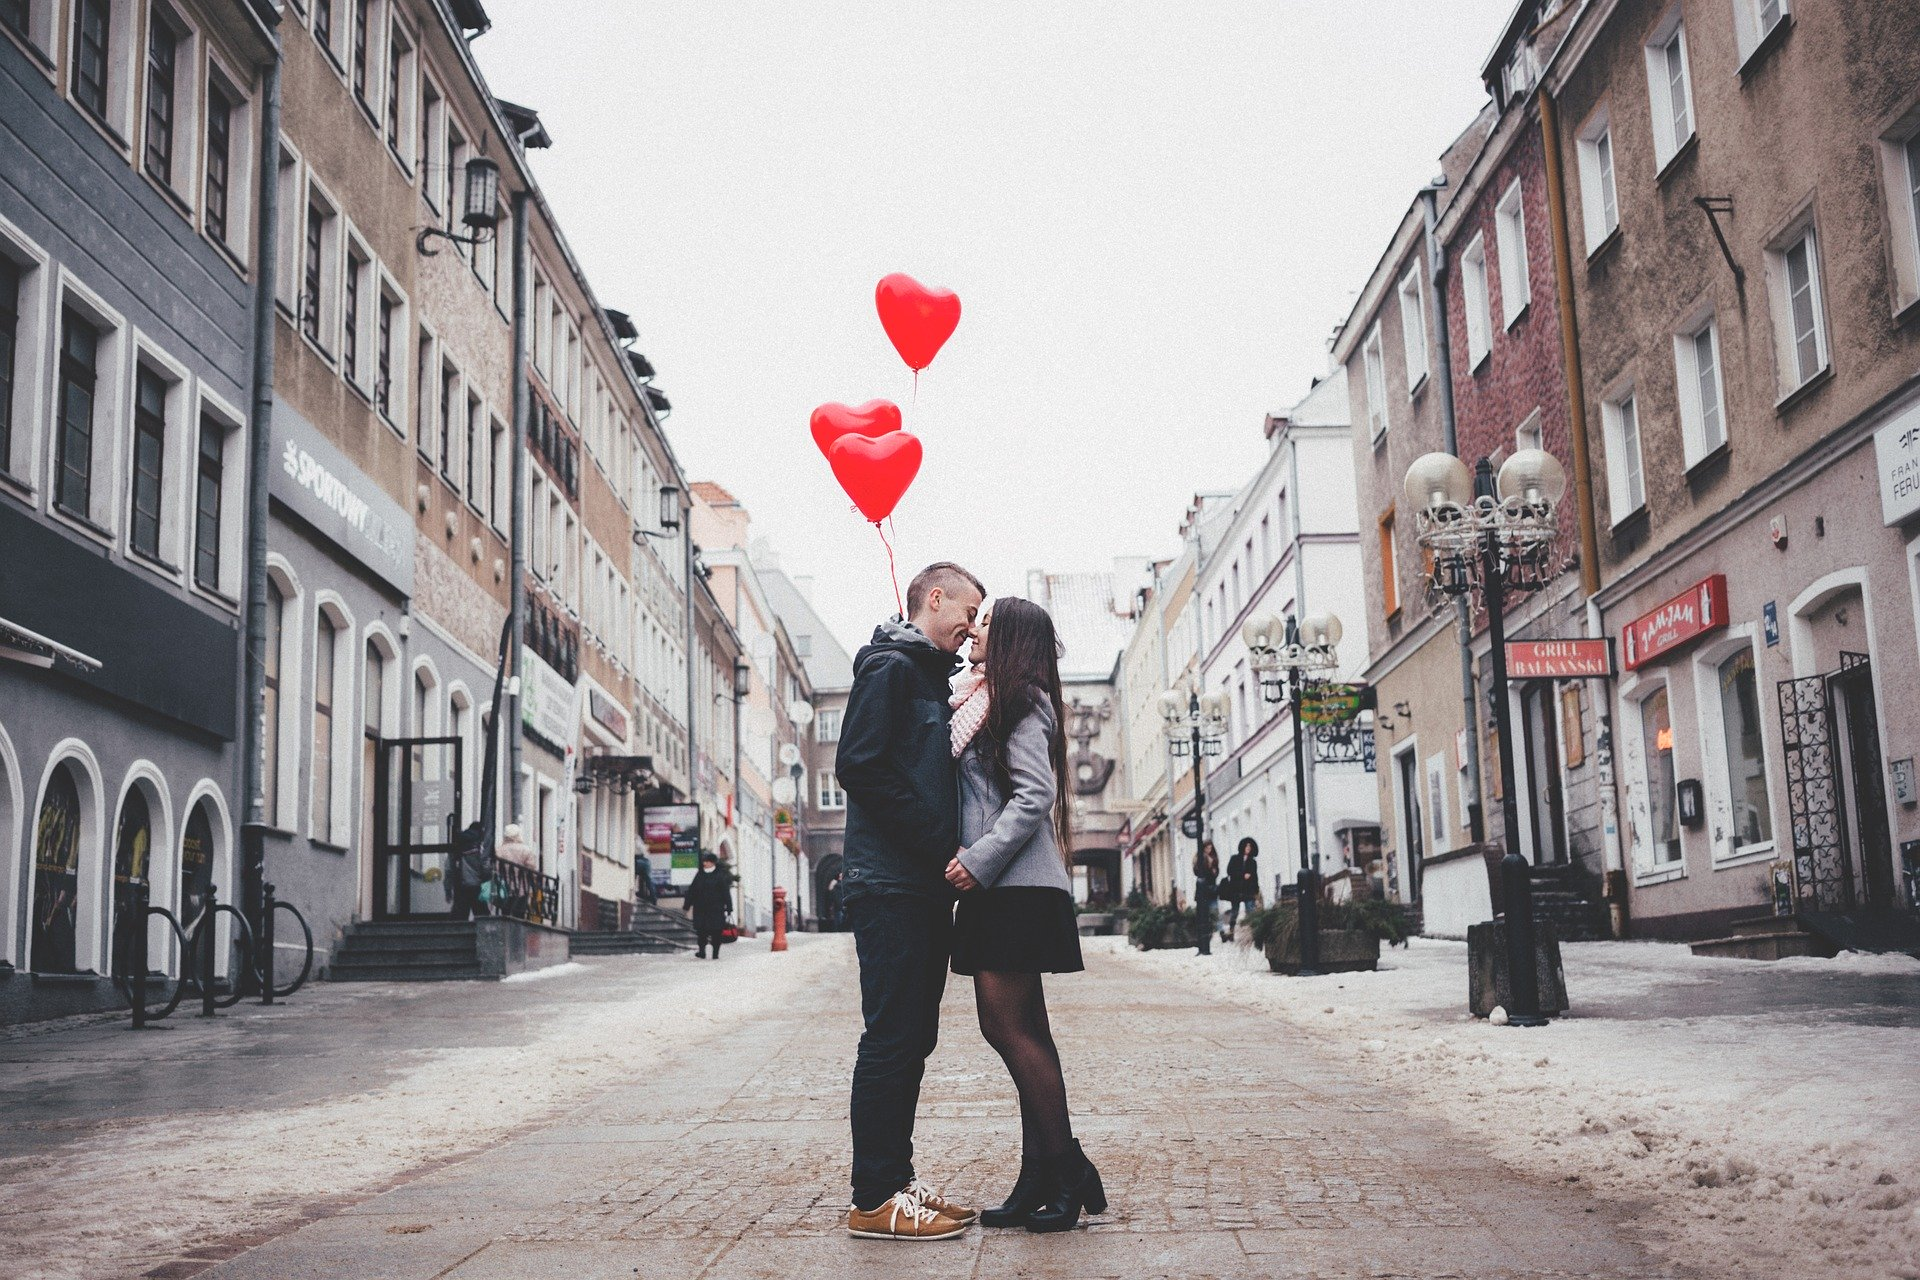 不倫成就は潜在意識で可能性を高められる!?既婚者の彼と結婚をするために相手を本気にさせる方法